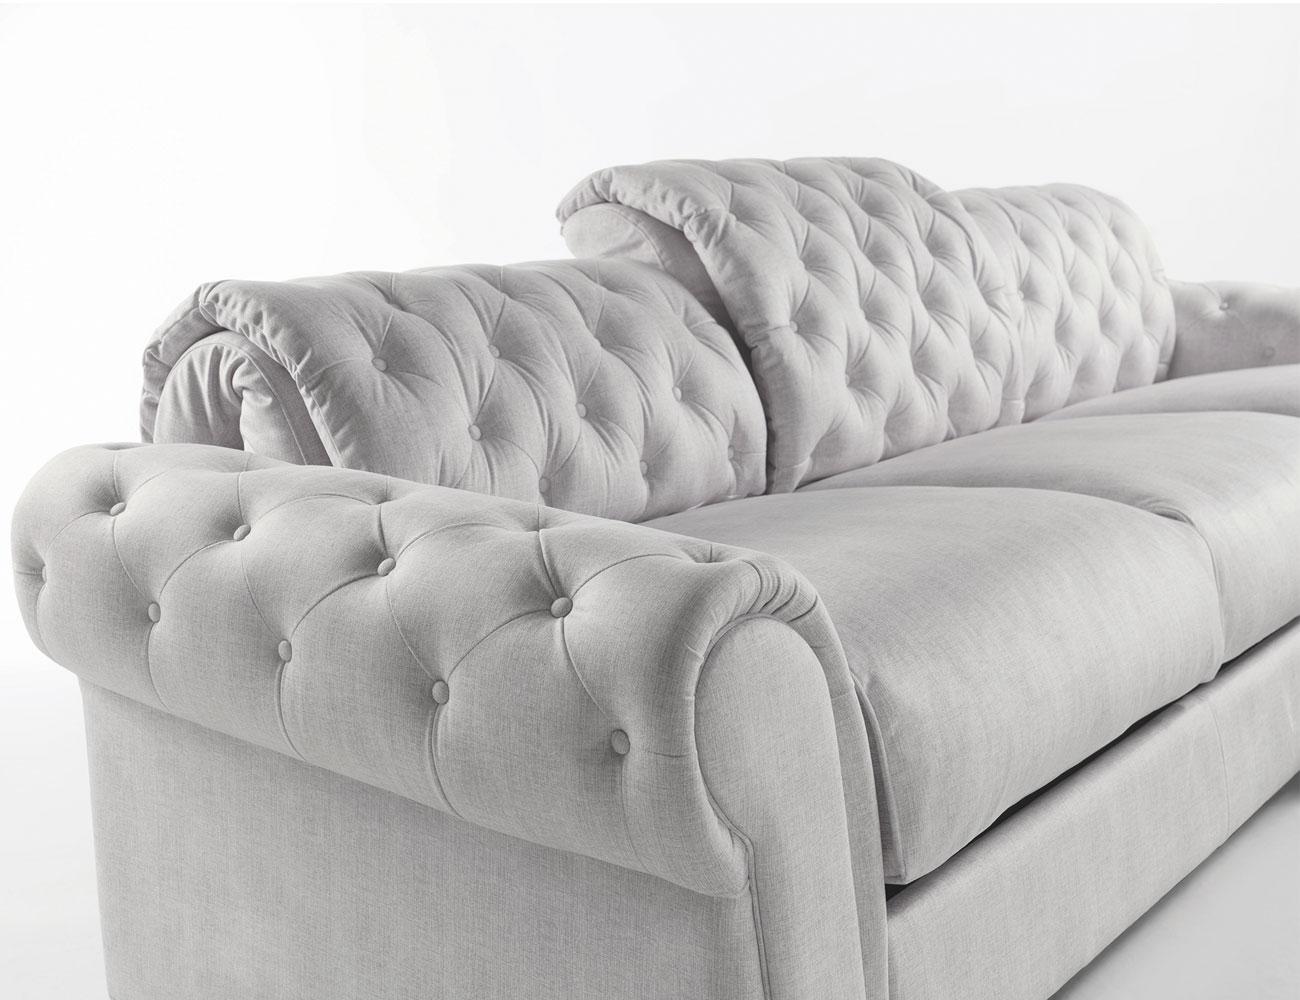 Sofa chaiselongue gran lujo decorativo capitone blanco tela 158